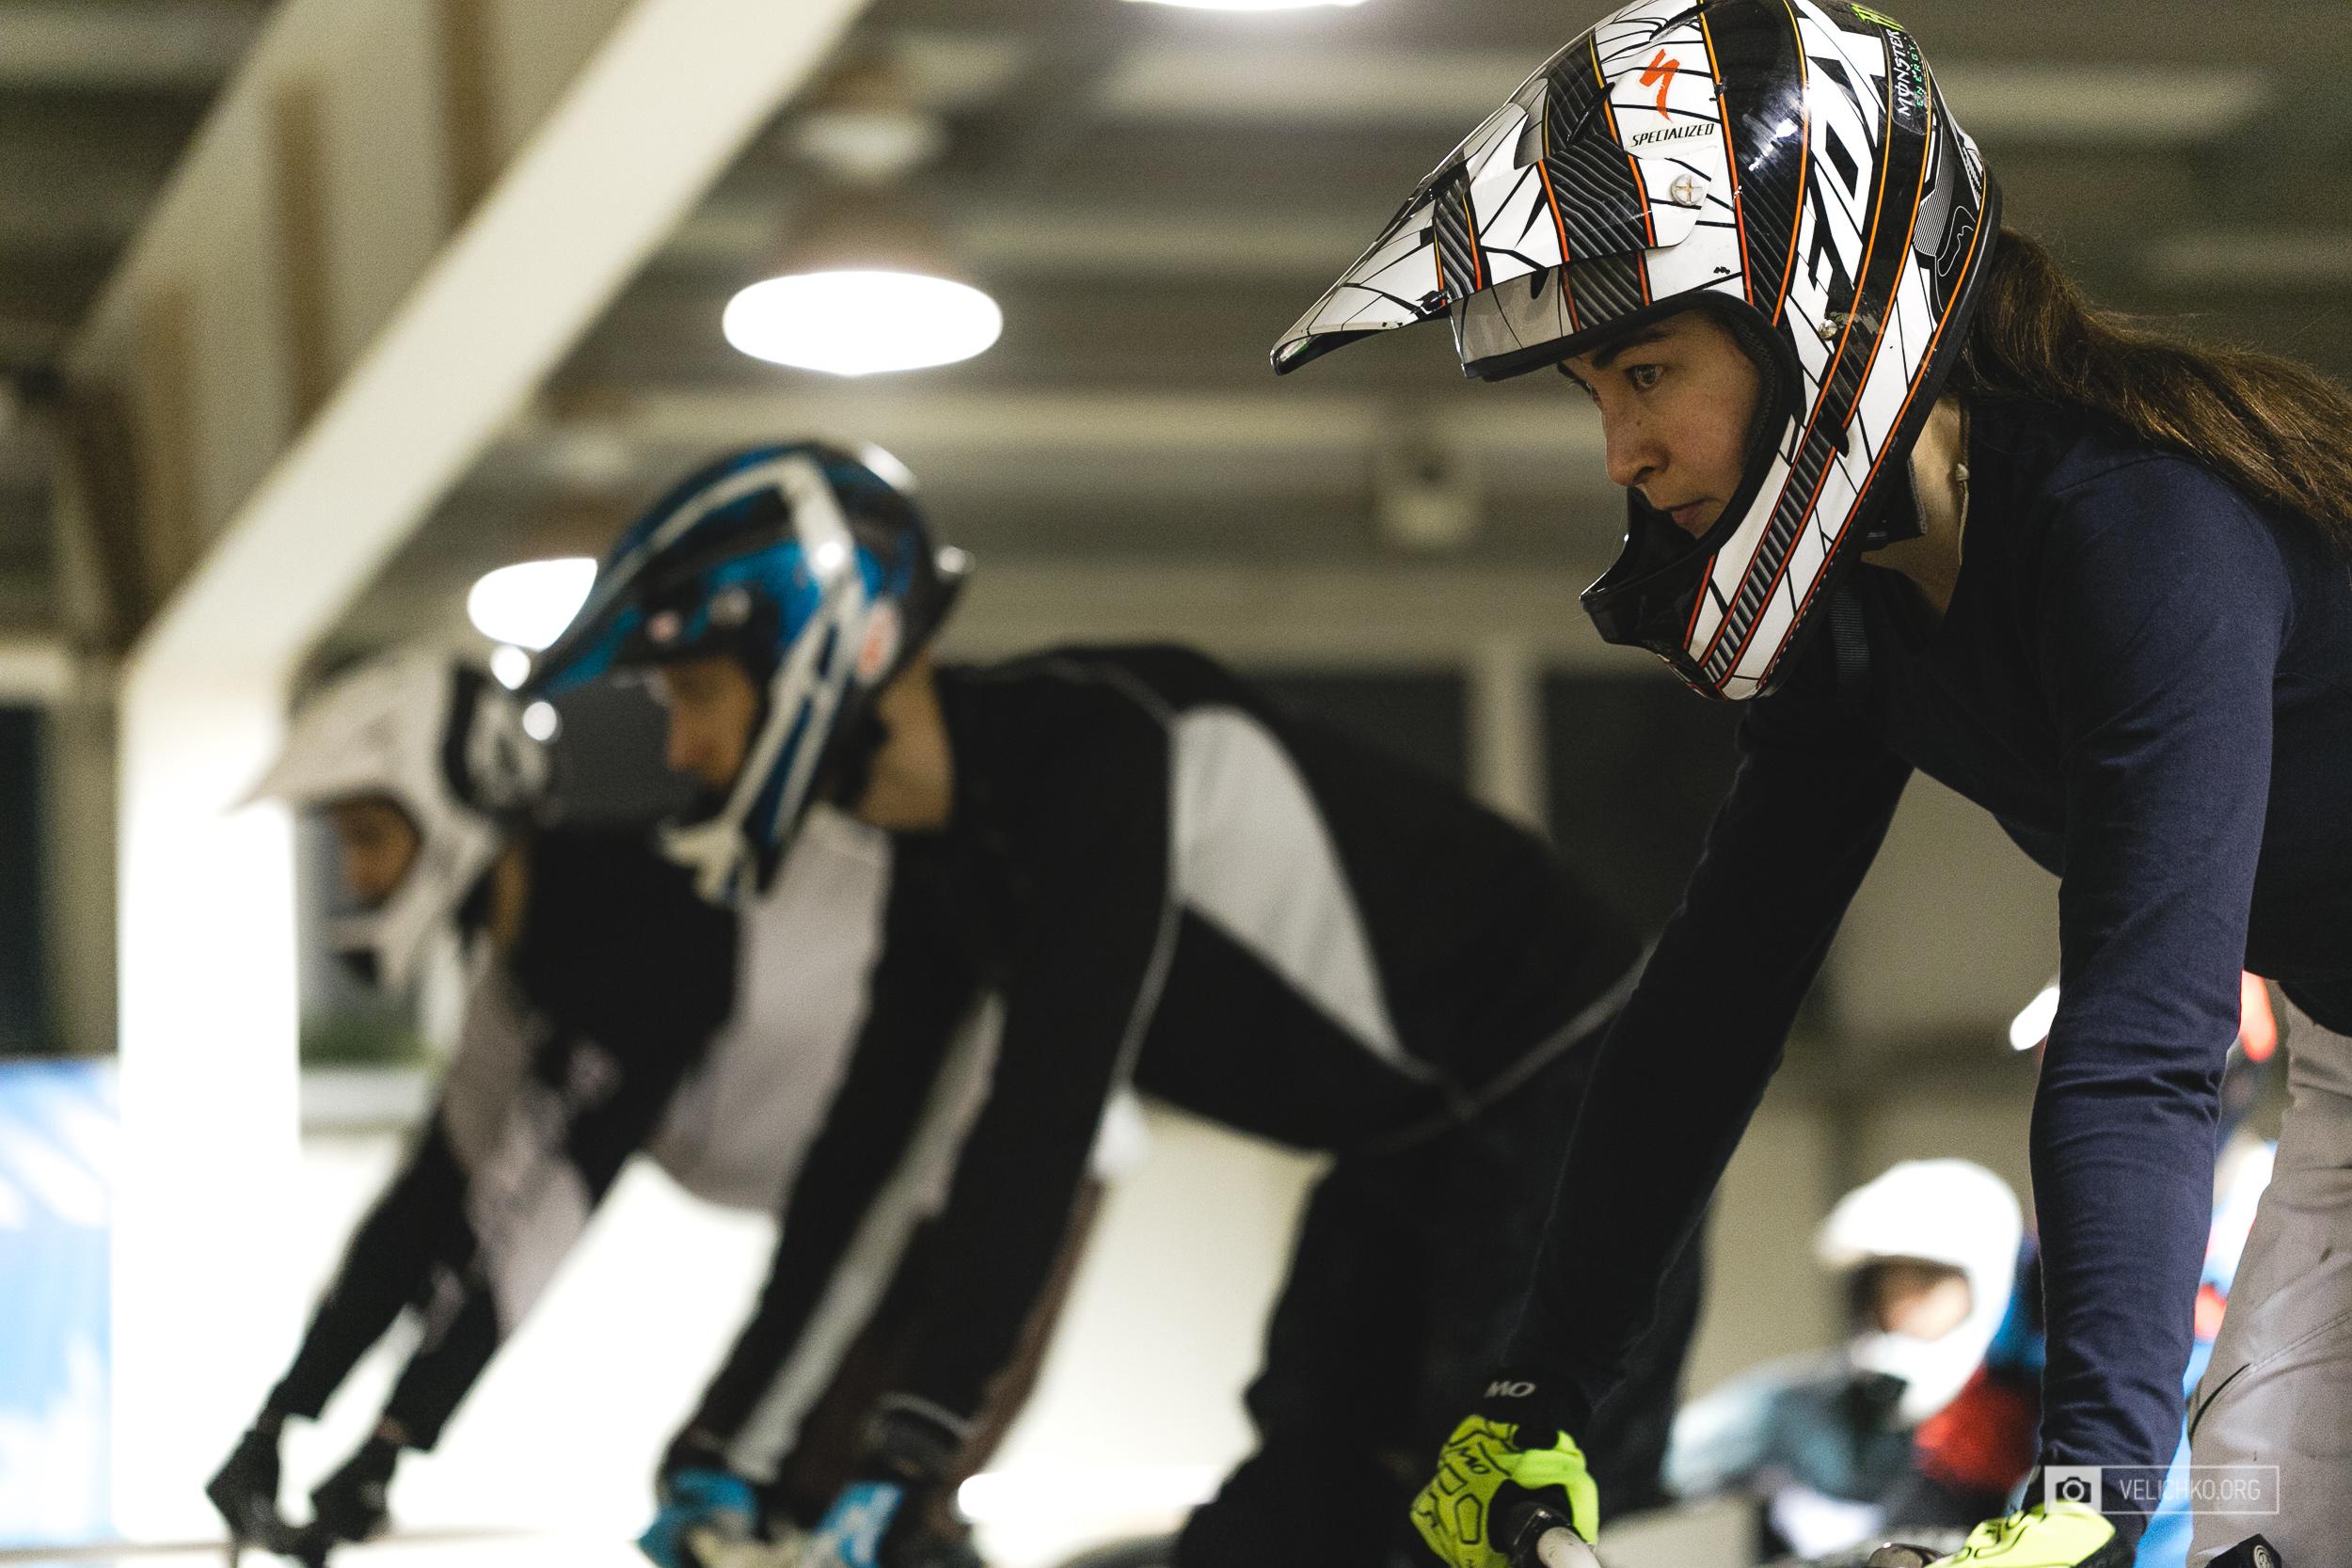 Тренировки: Спортивные МТБ-сборы в Саранске - день 2